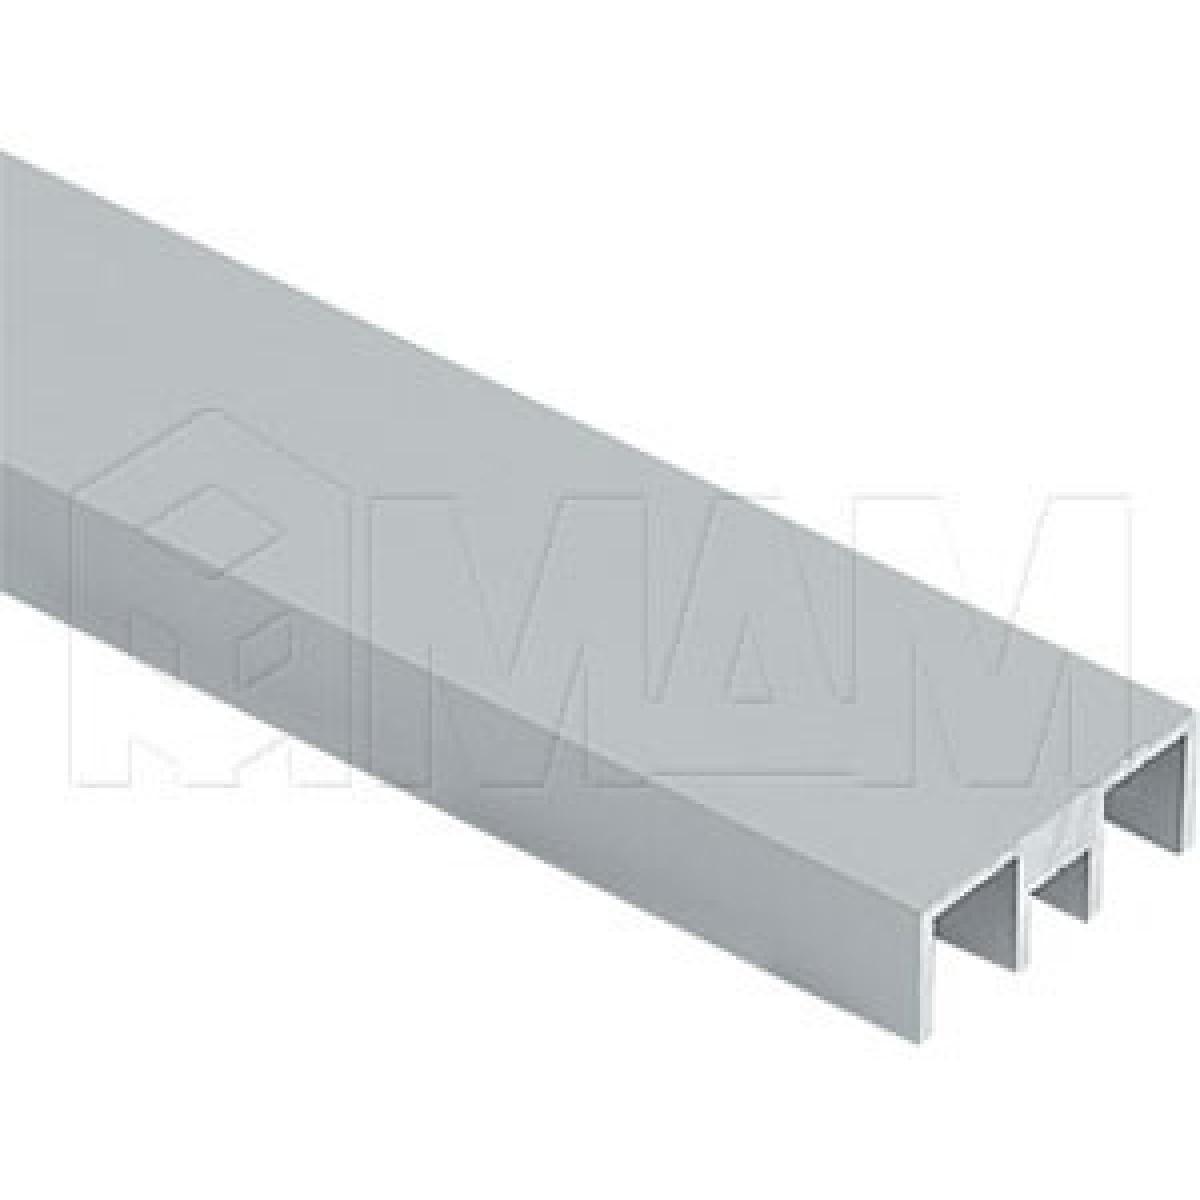 ДУКО Направляющая верхняя, серебро, L-5000